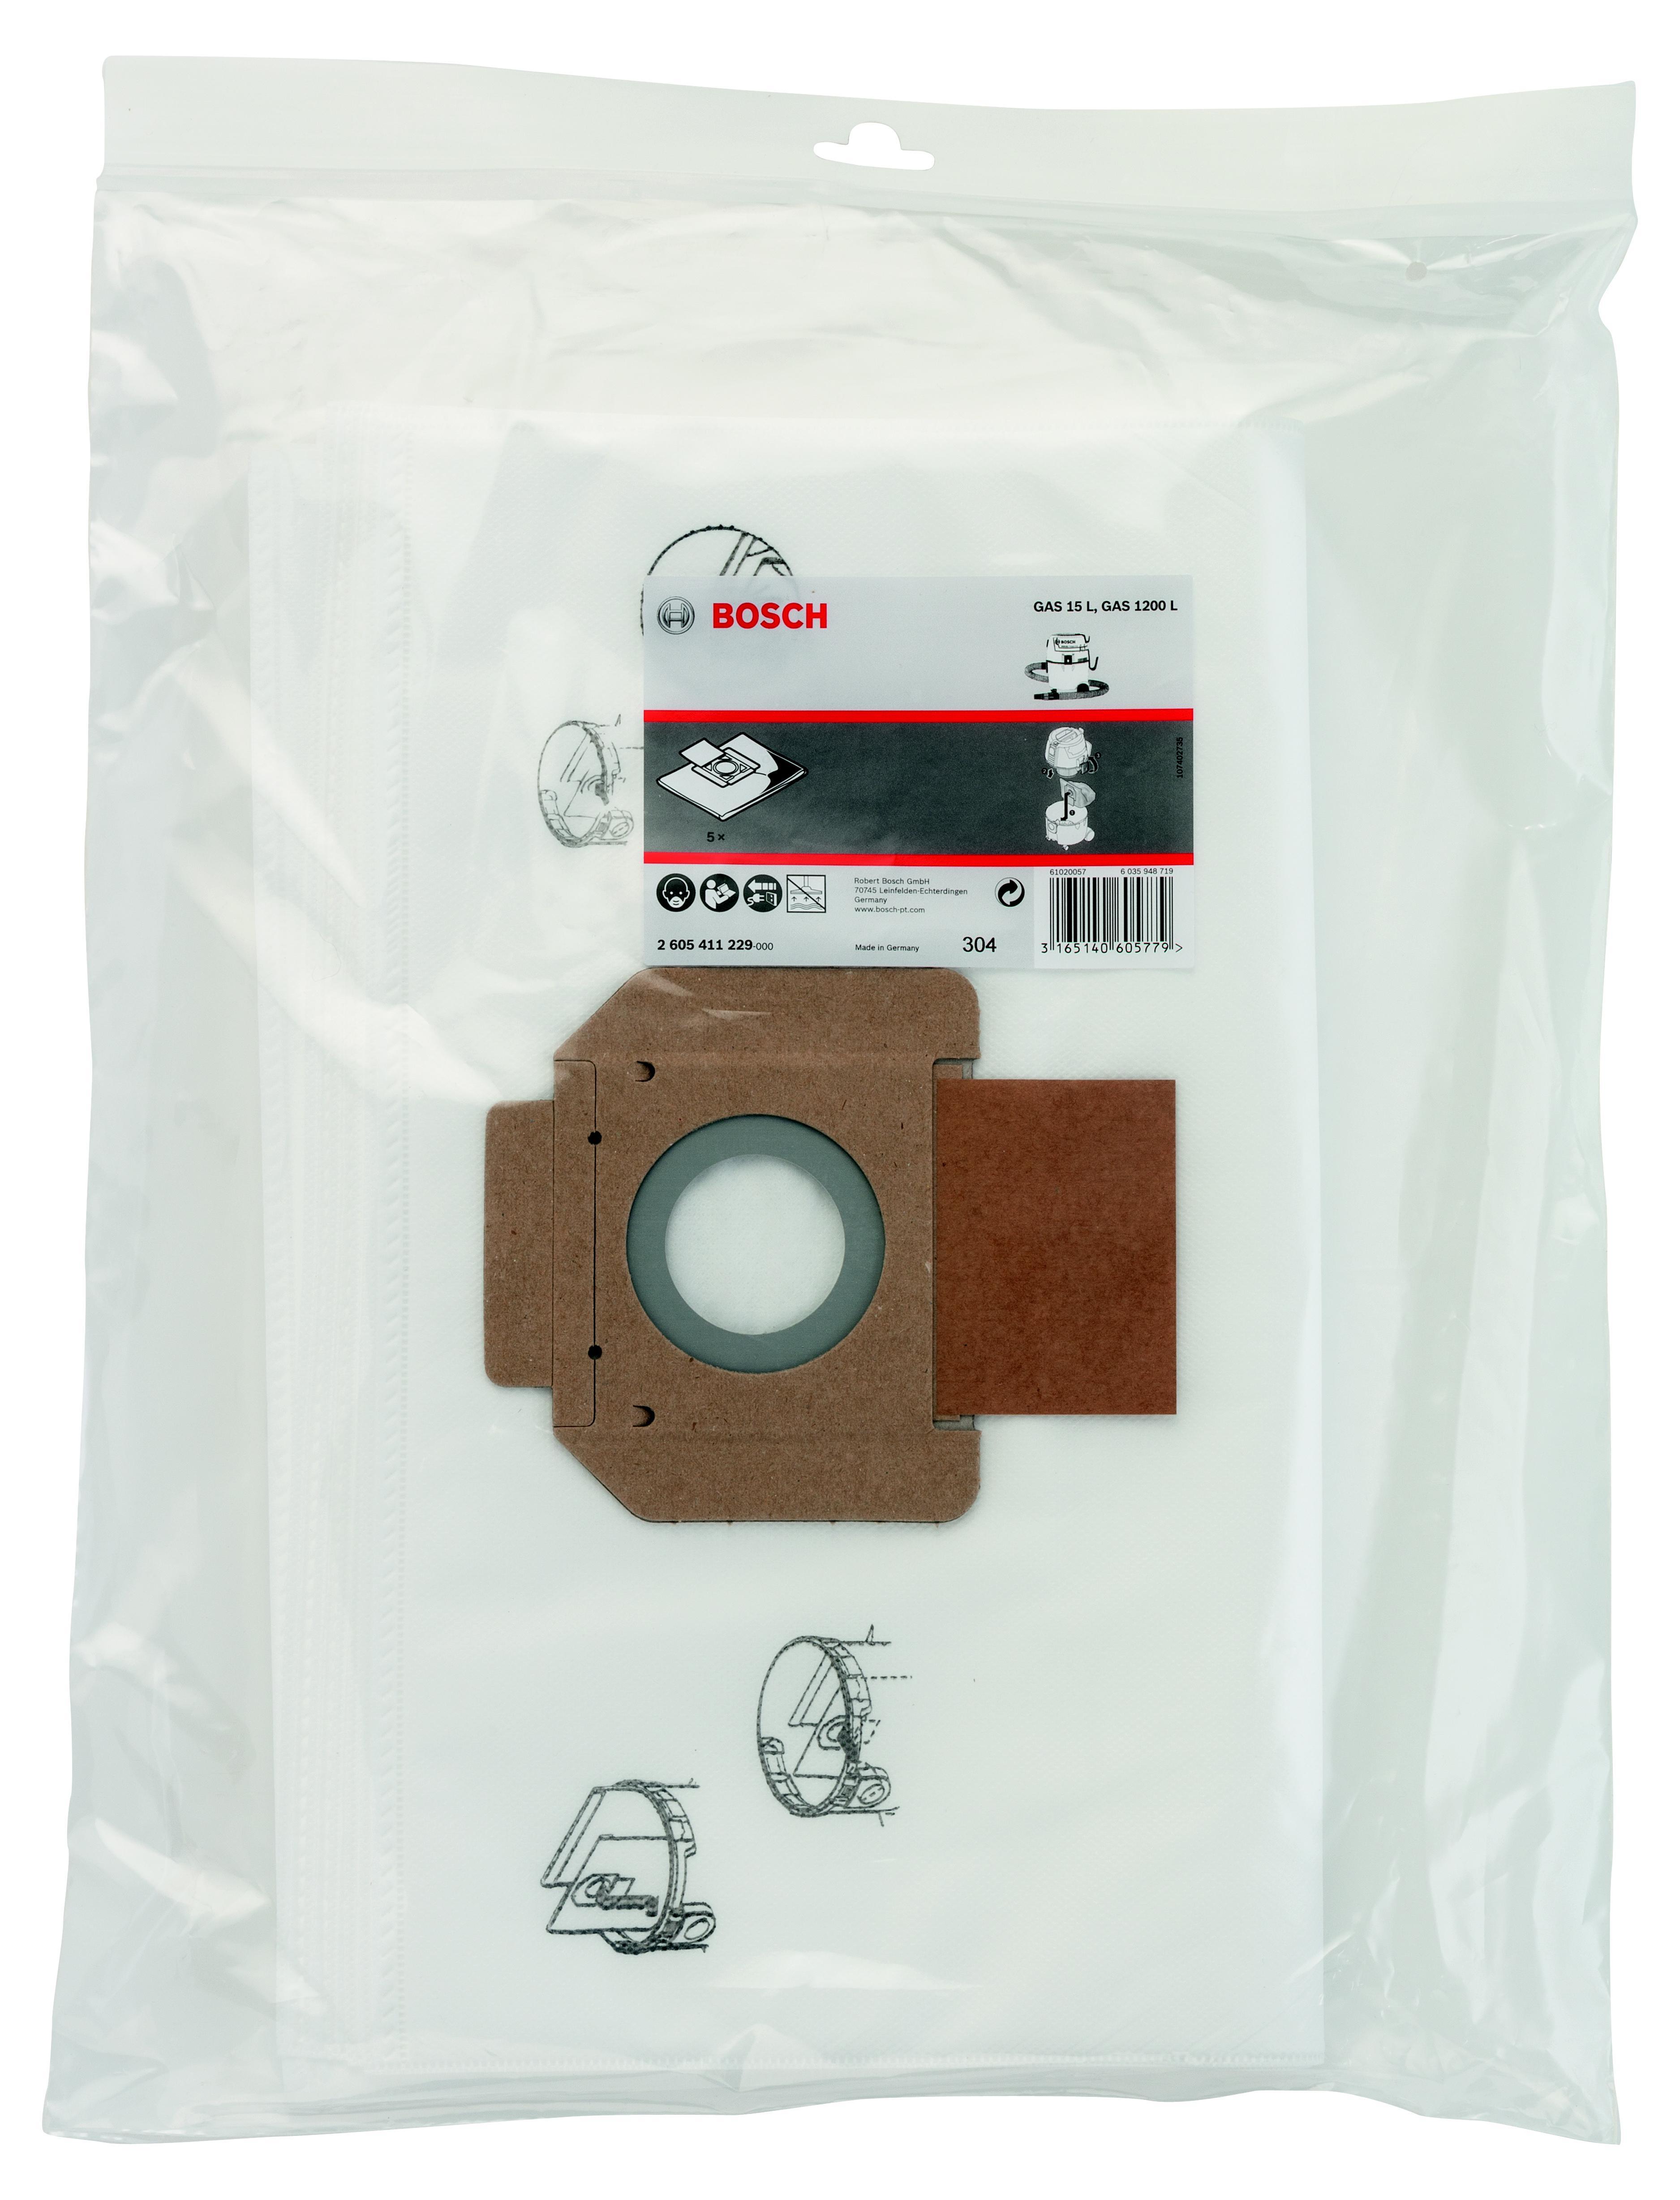 Мешок Bosch для пылесоса gas 15 l (для сухой пыли)(2.605.411.229)